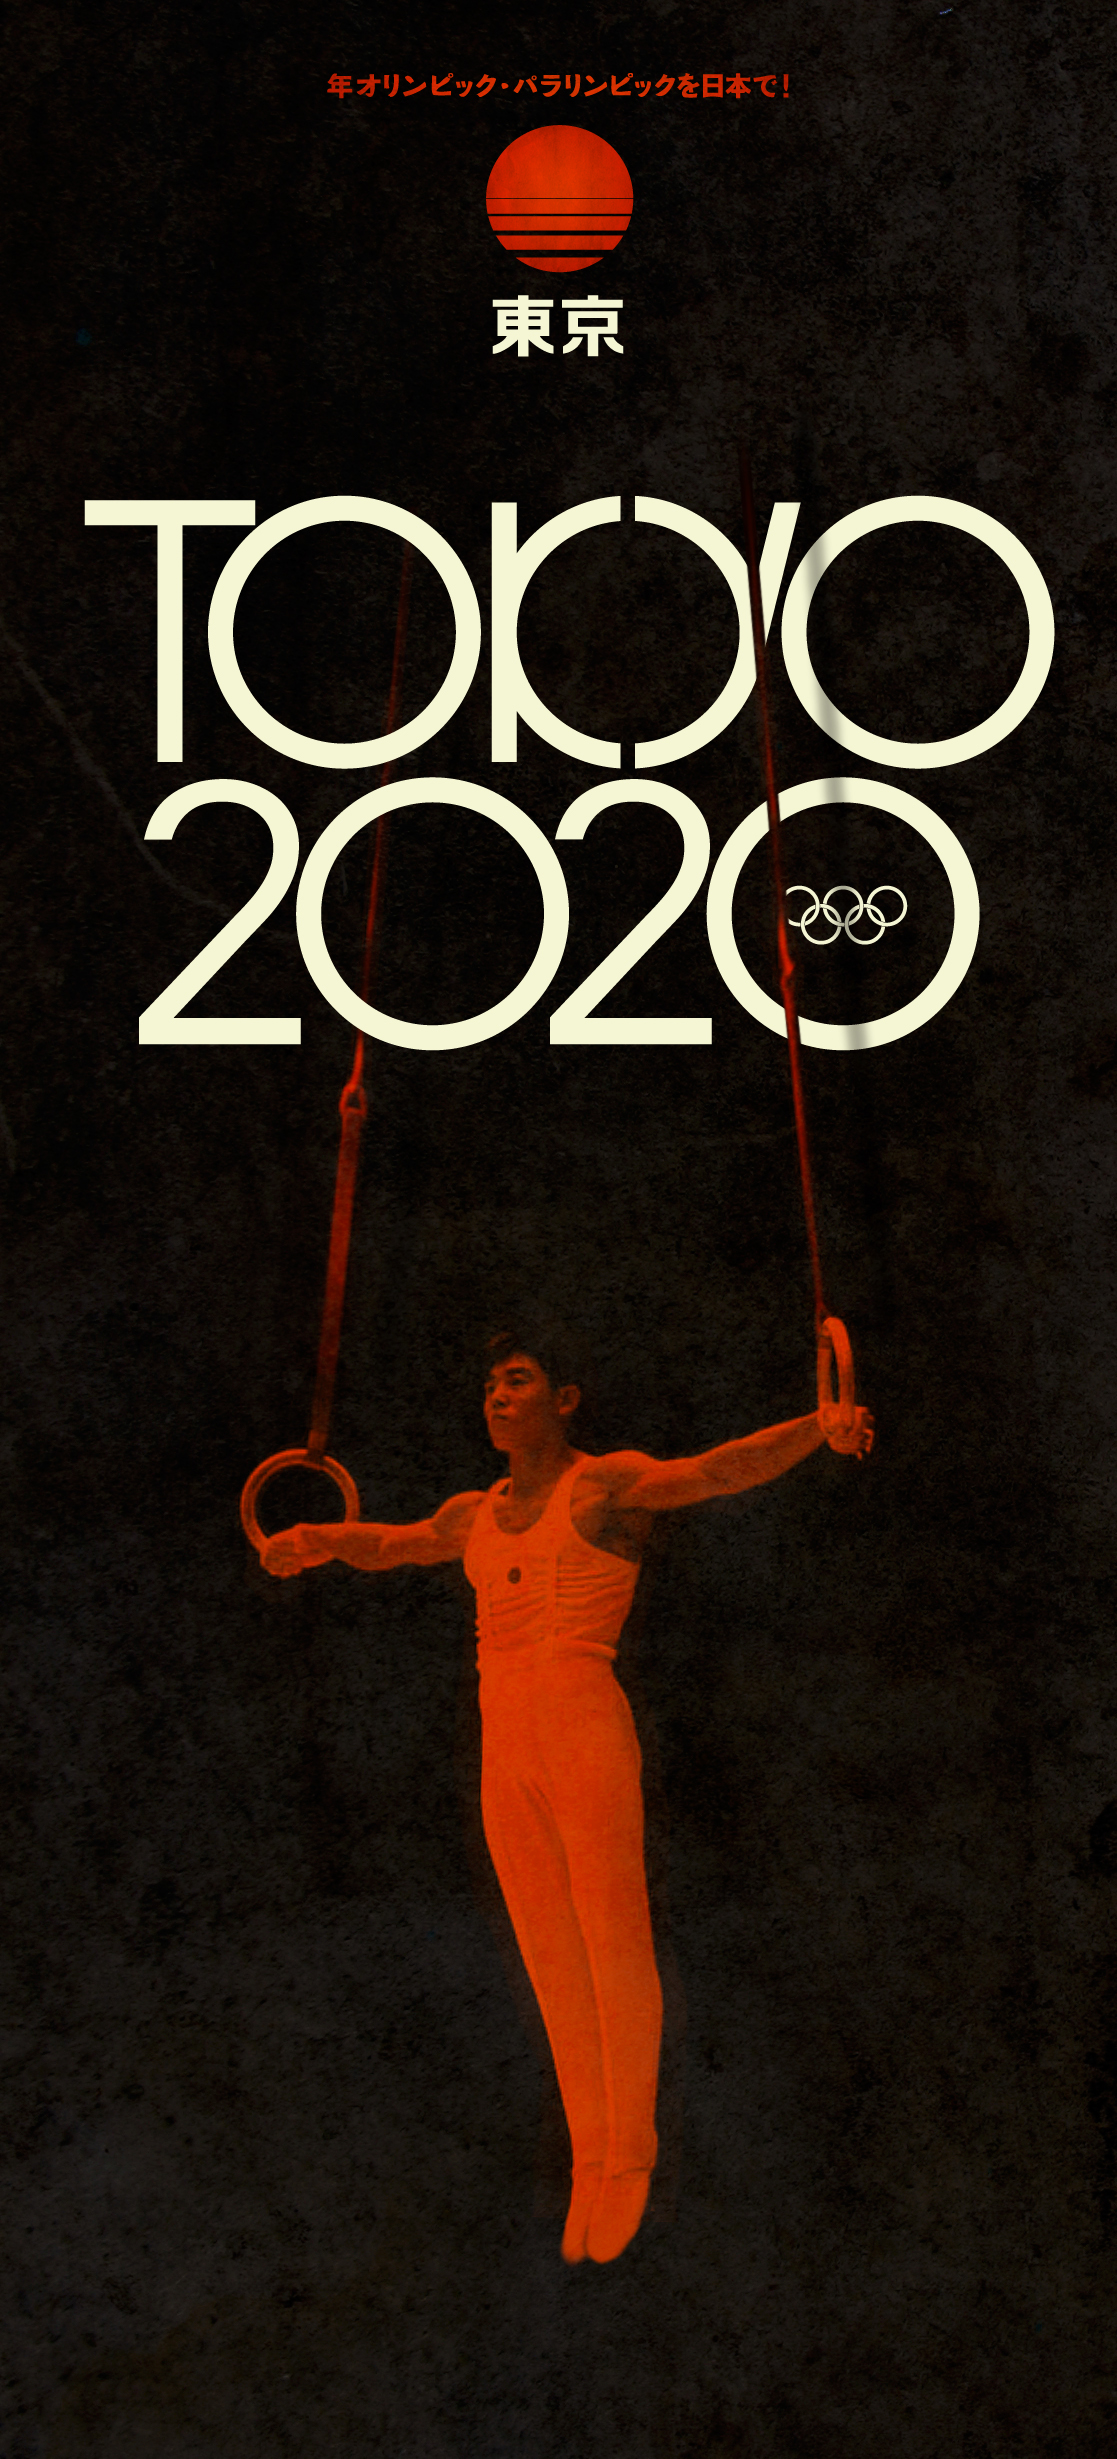 Quot Tokyo 2020 Quot Retro Olympics On Behance